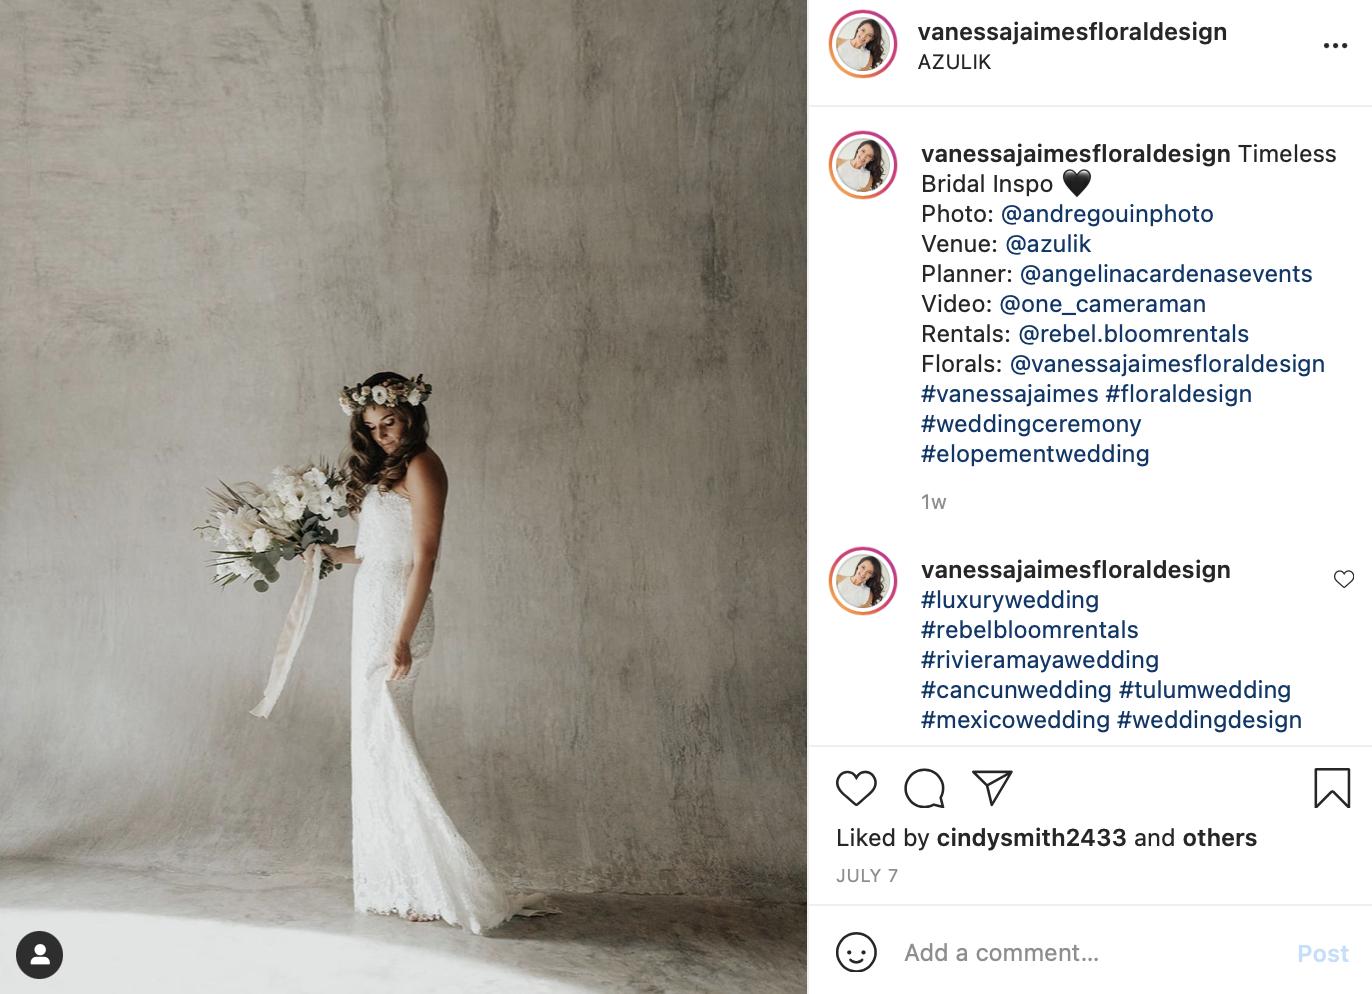 flower crown instead of wedding veil